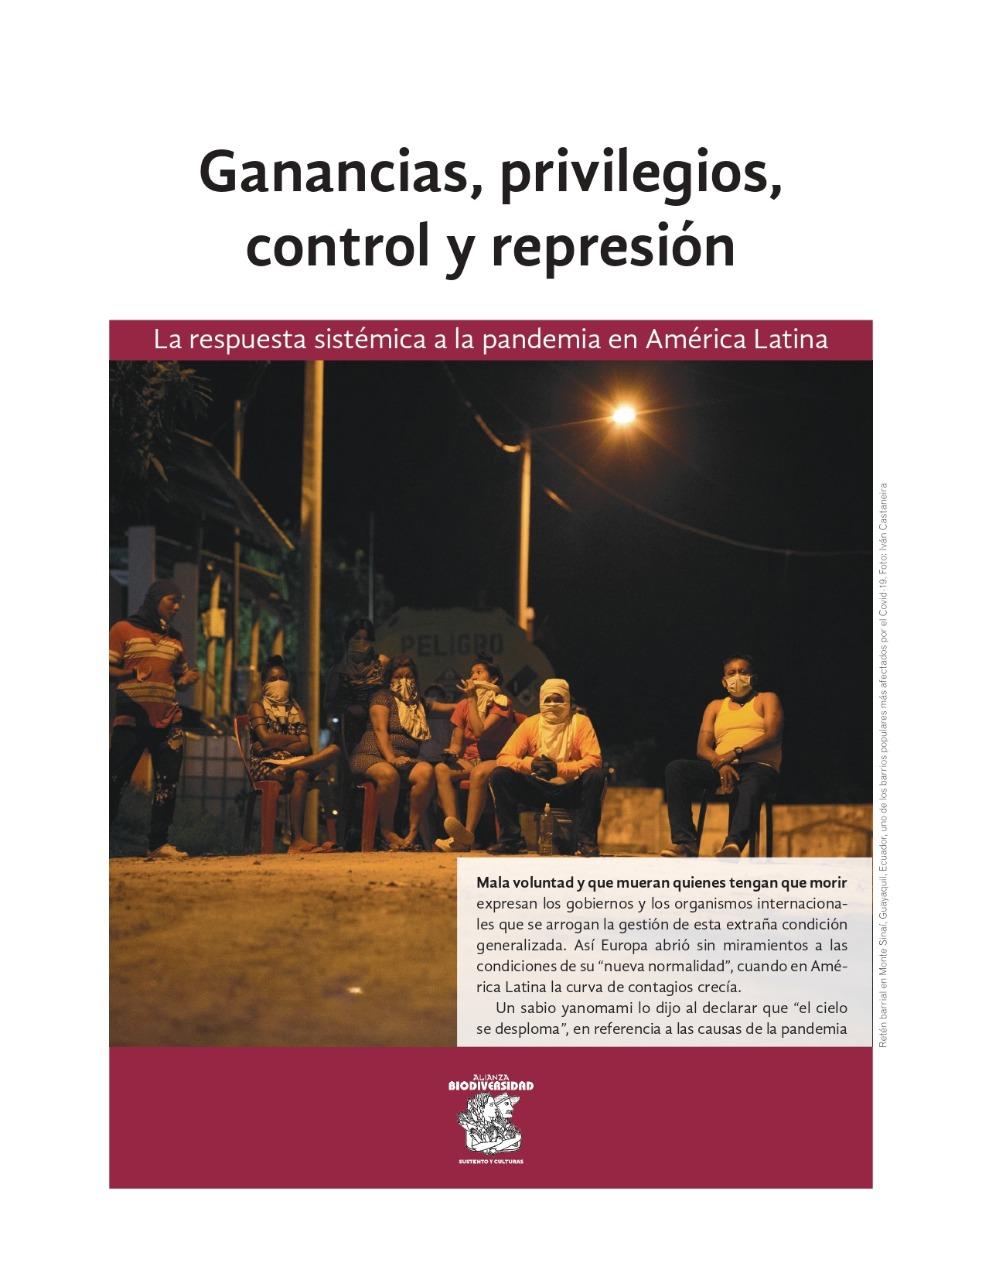 Imagen relacionada con Ganancias, privilegios, control y represión